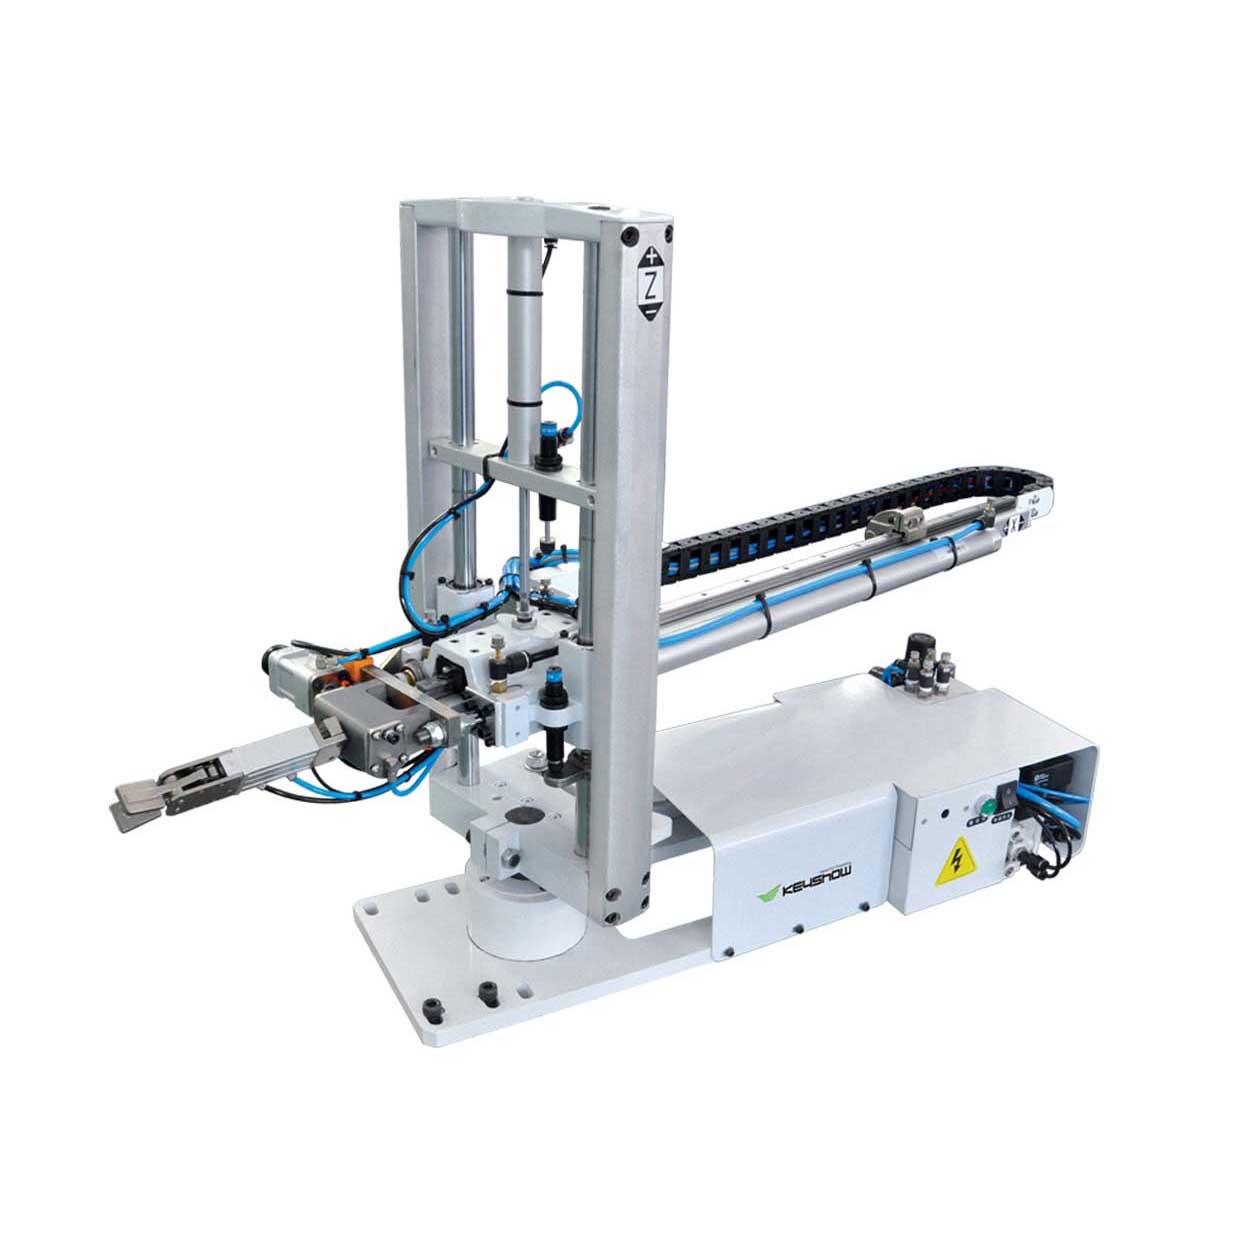 注塑-立式注塑机机械手